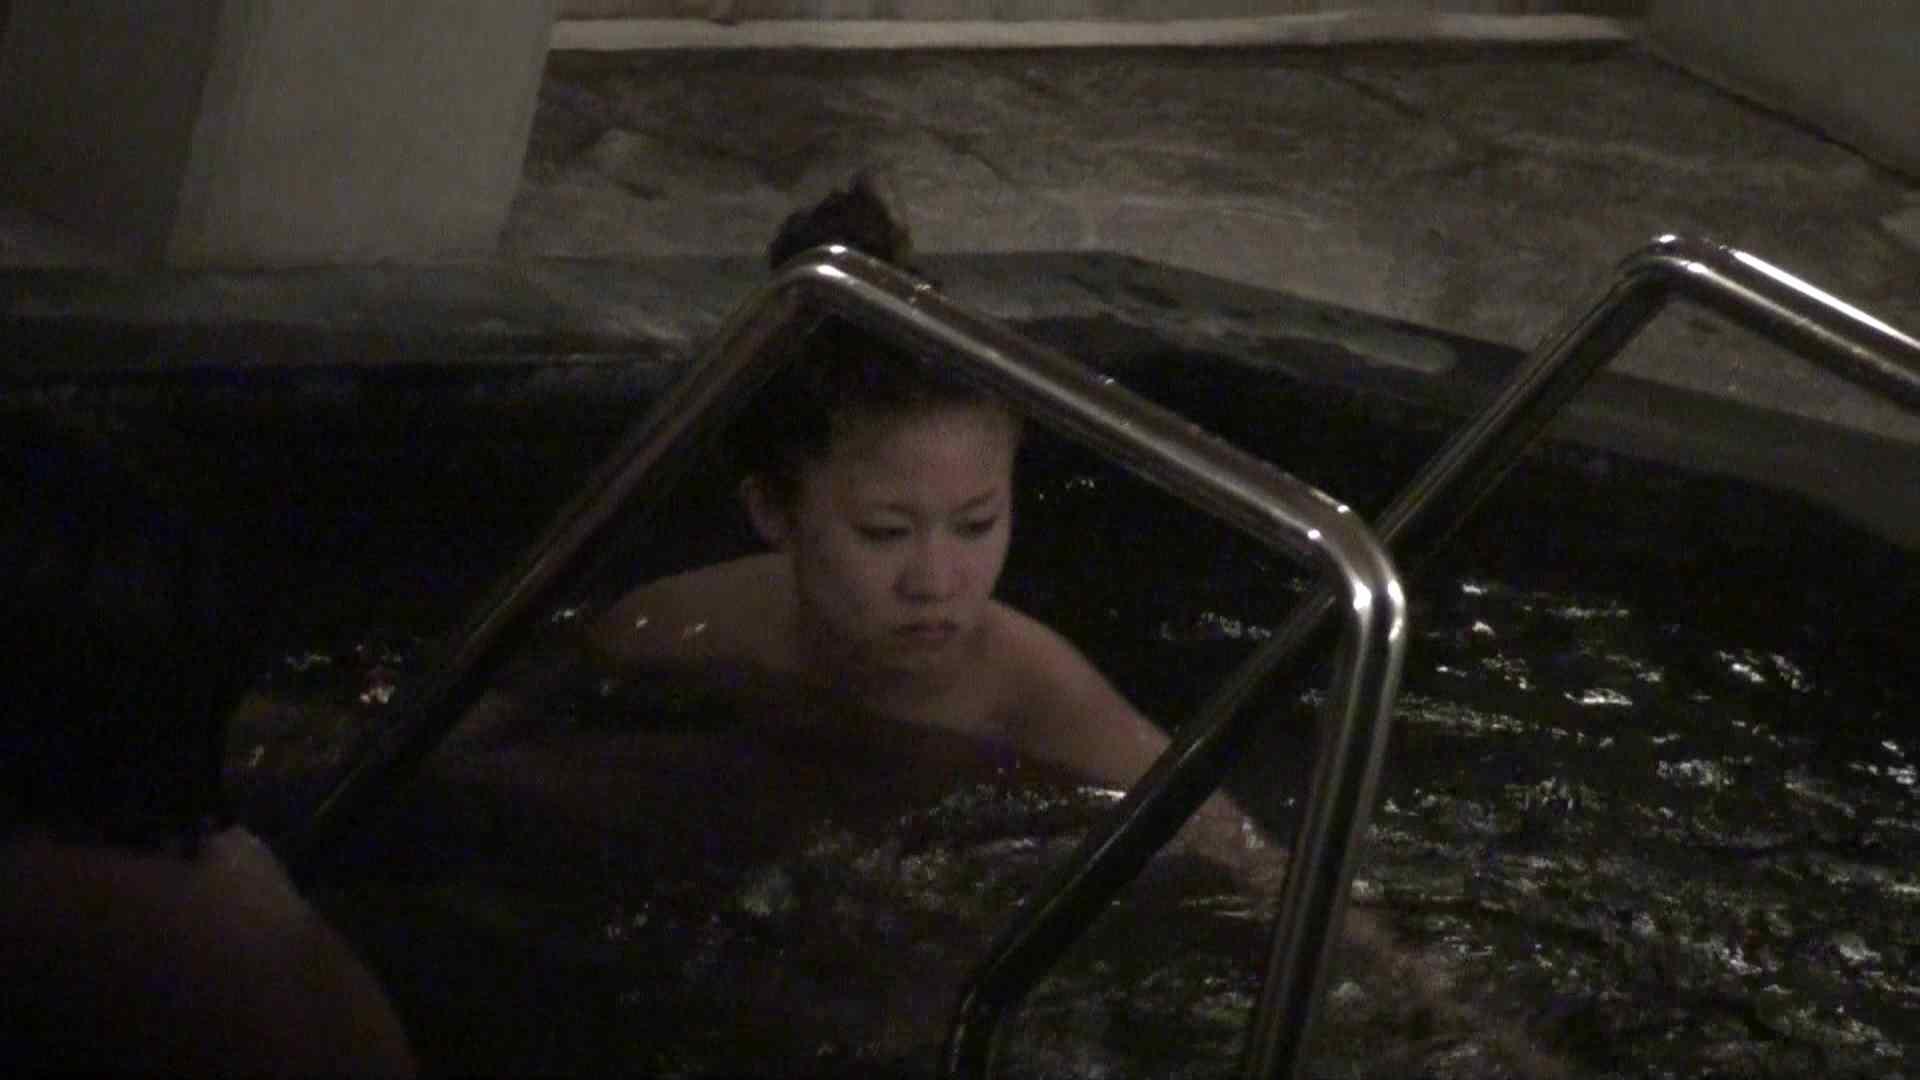 Aquaな露天風呂Vol.378 盗撮 | 露天  79pic 39